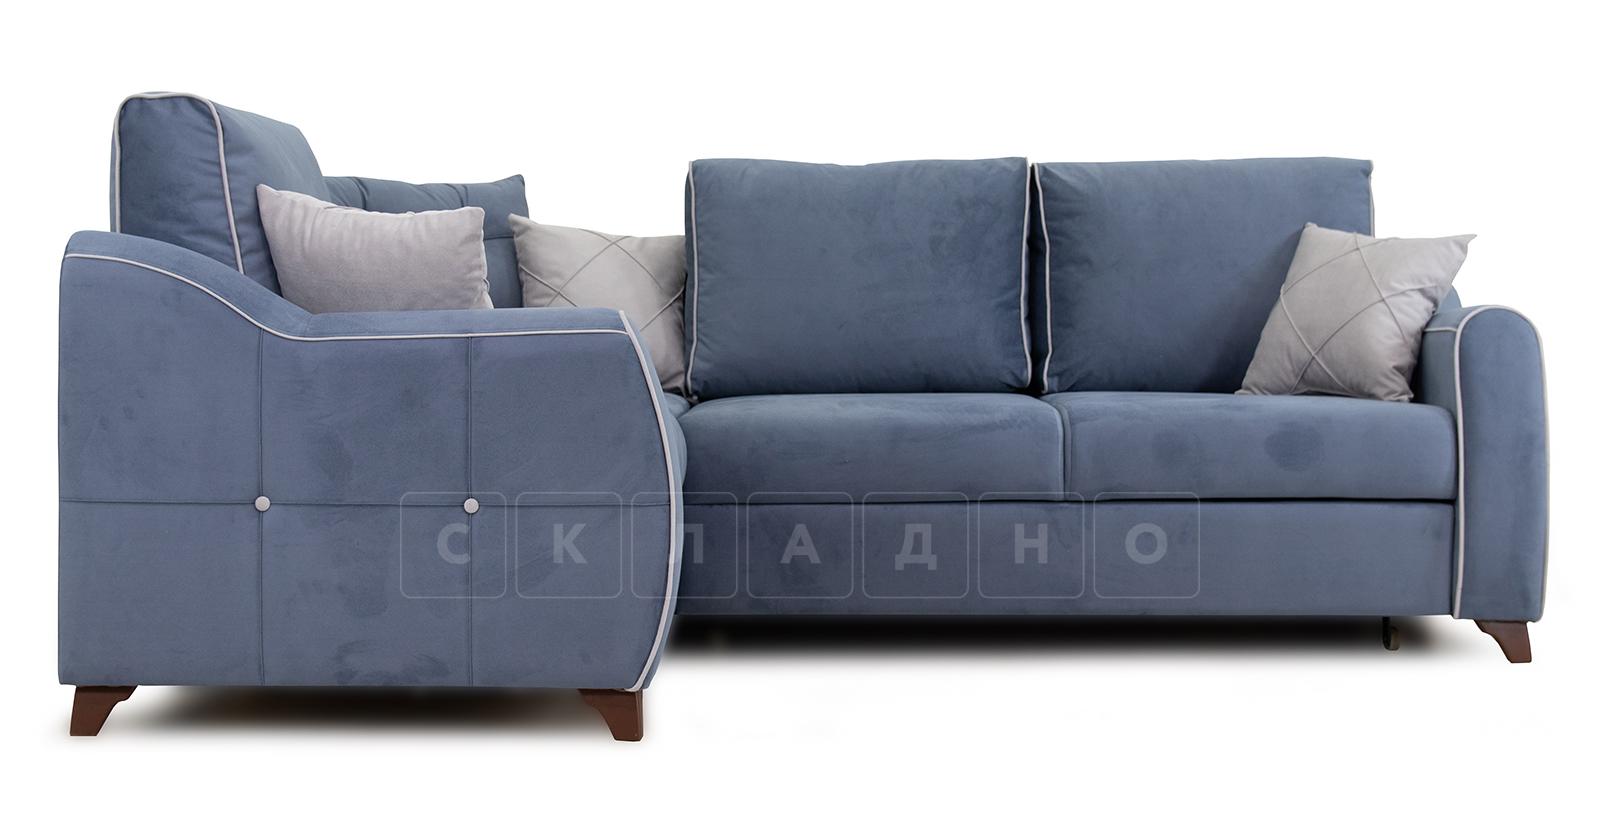 Диван-кровать угловой Флэтфорд серо-синий фото 2 | интернет-магазин Складно